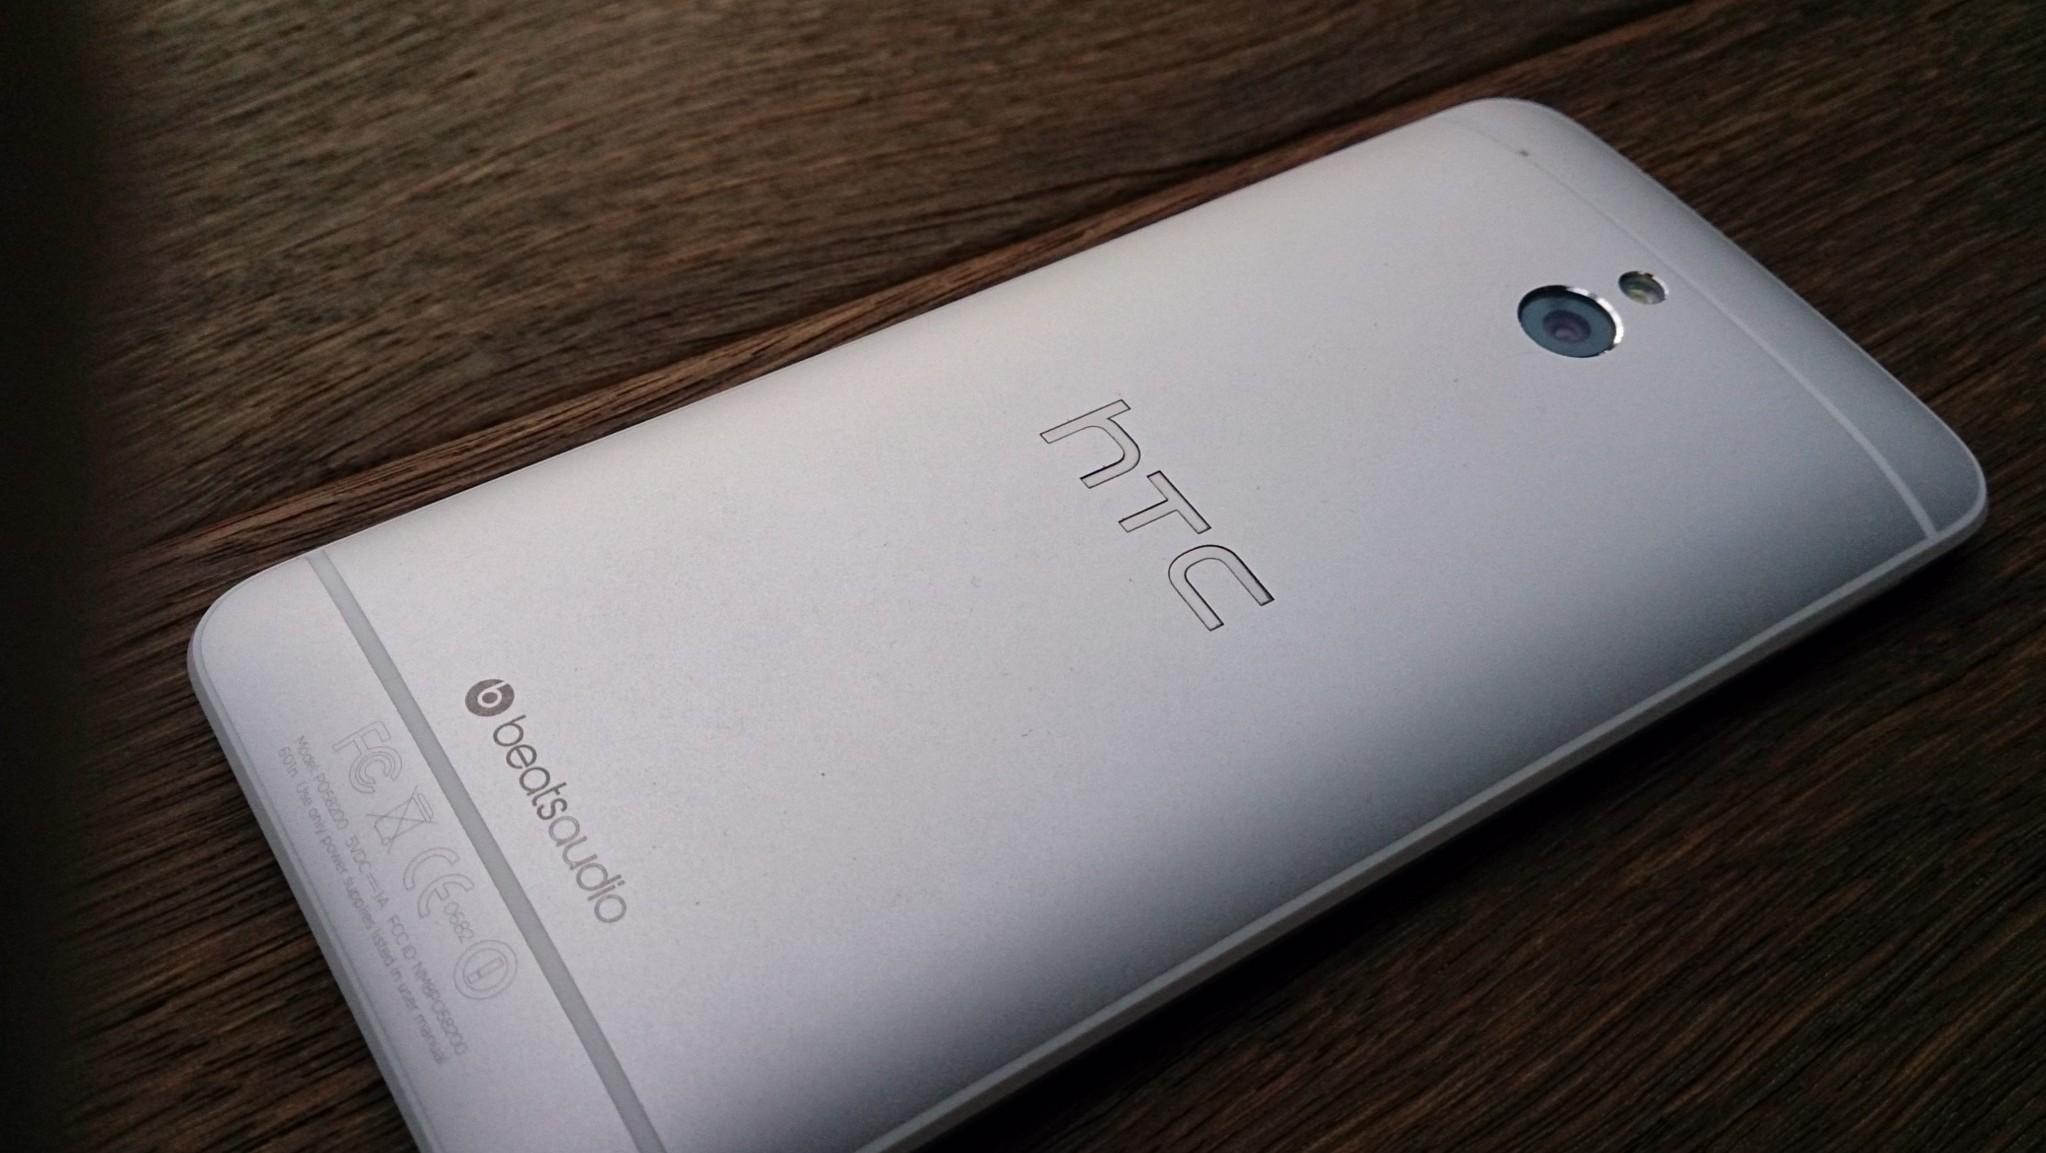 HTC se vyjádřilo k mizejícím aplikacím z Obchodu Play [aktualizováno]